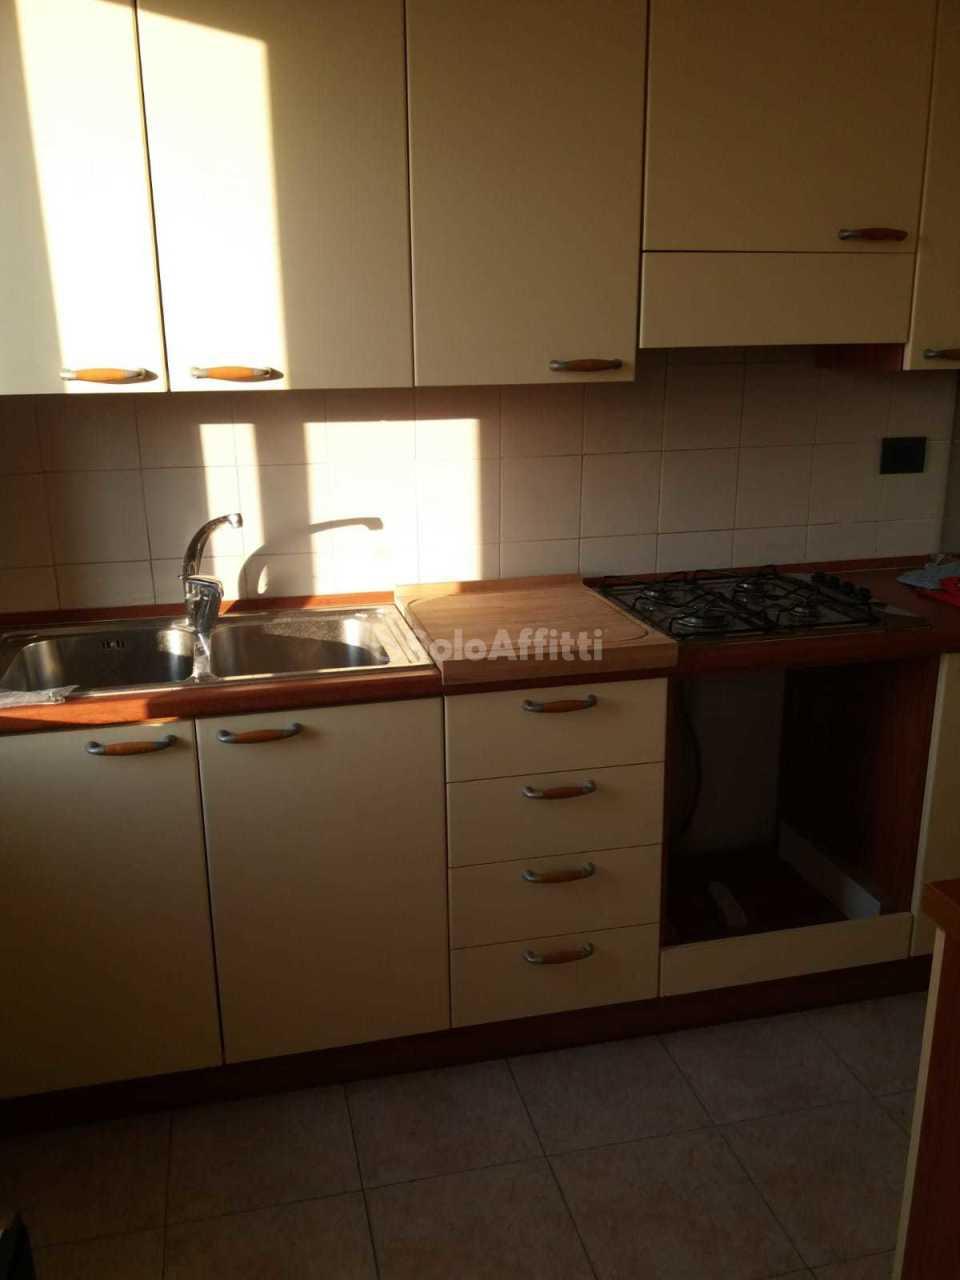 Appartamento in affitto a Mompiano - Costalunga, Brescia (BS)